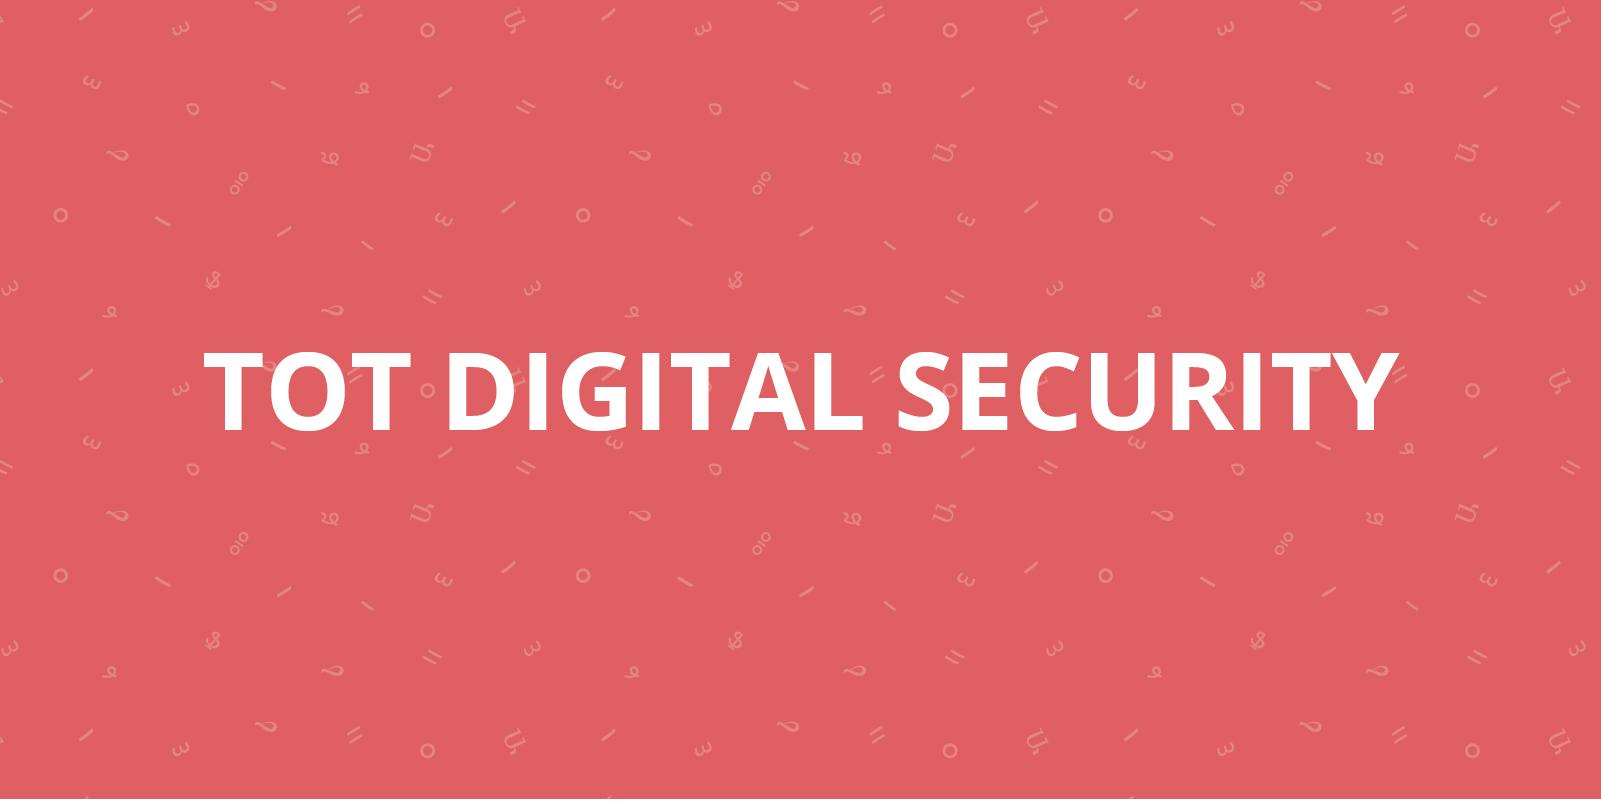 TOT on Digital Security